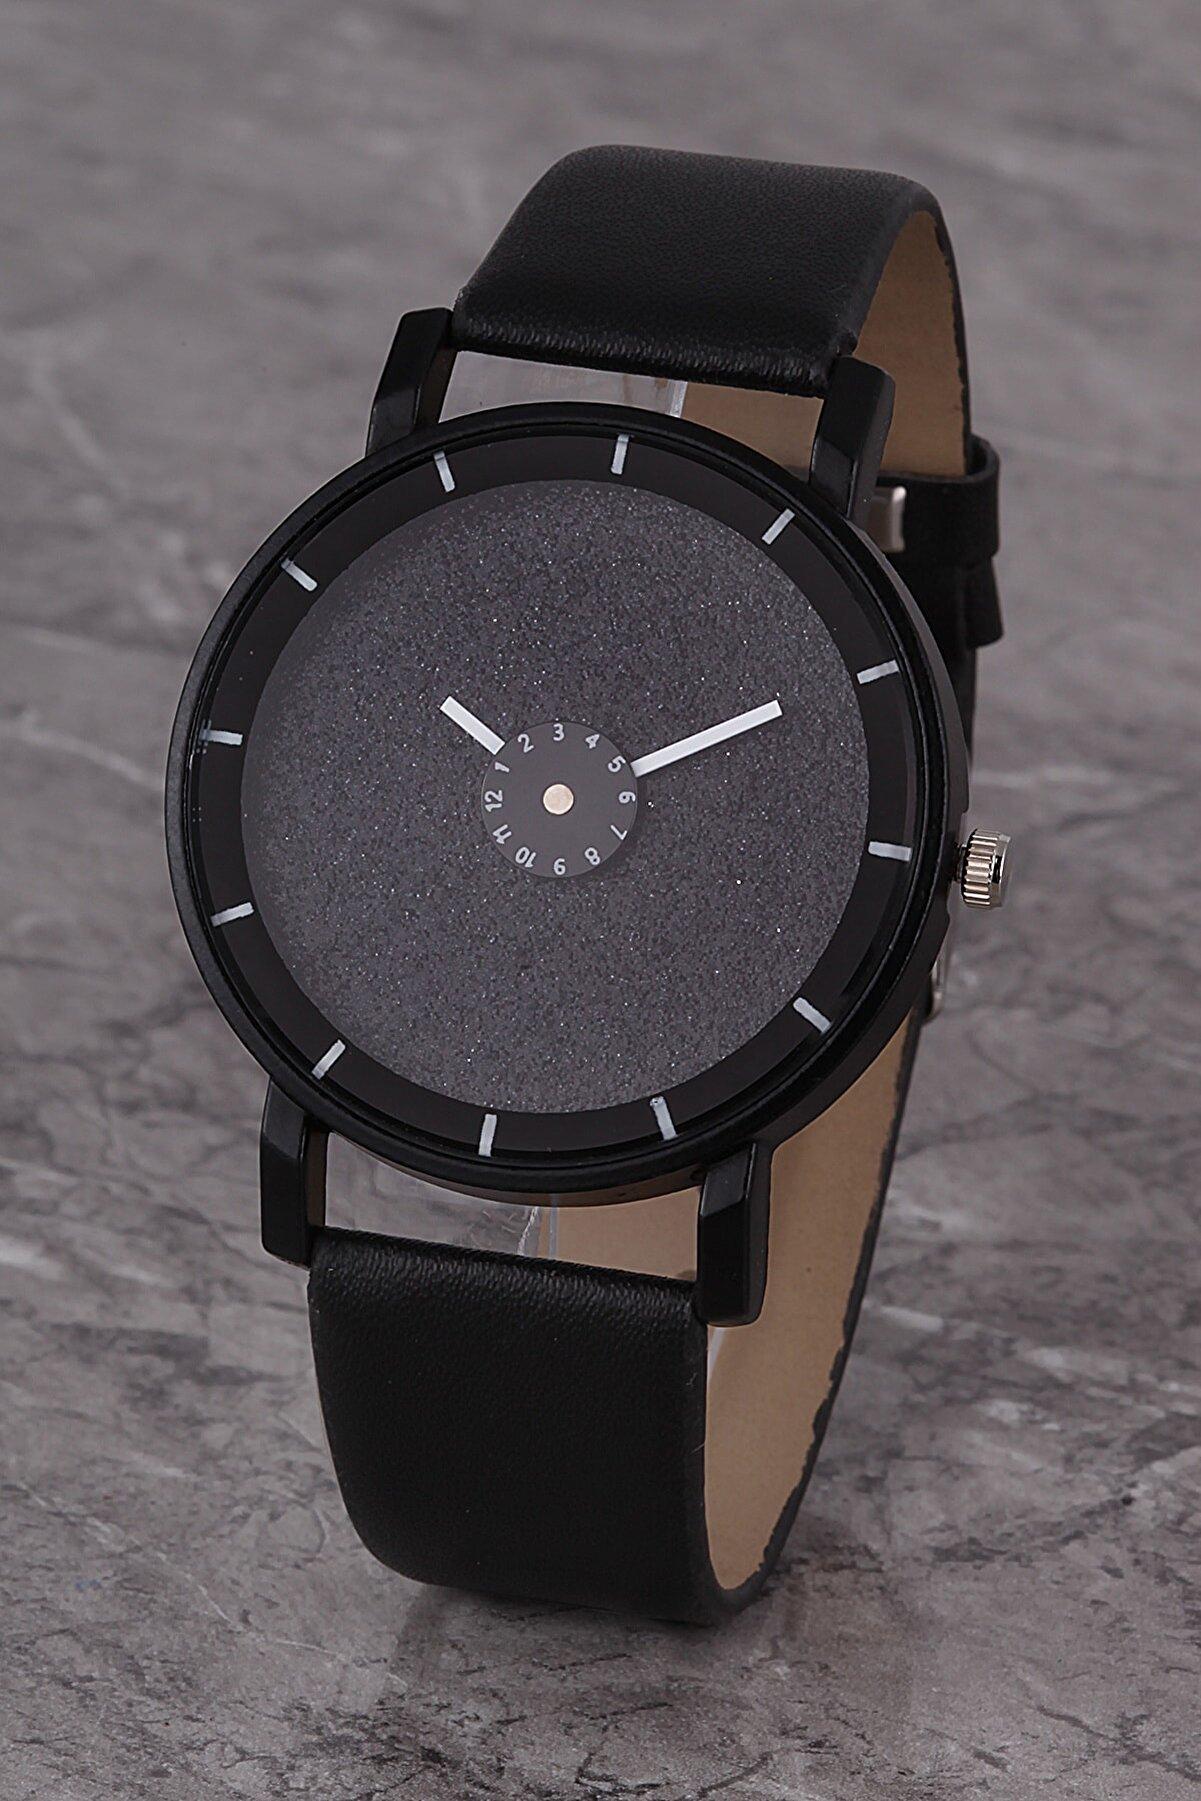 Polo55 Plkk017r03 Kadın Saat Siyah Tasarım Kadran Deri Kordon